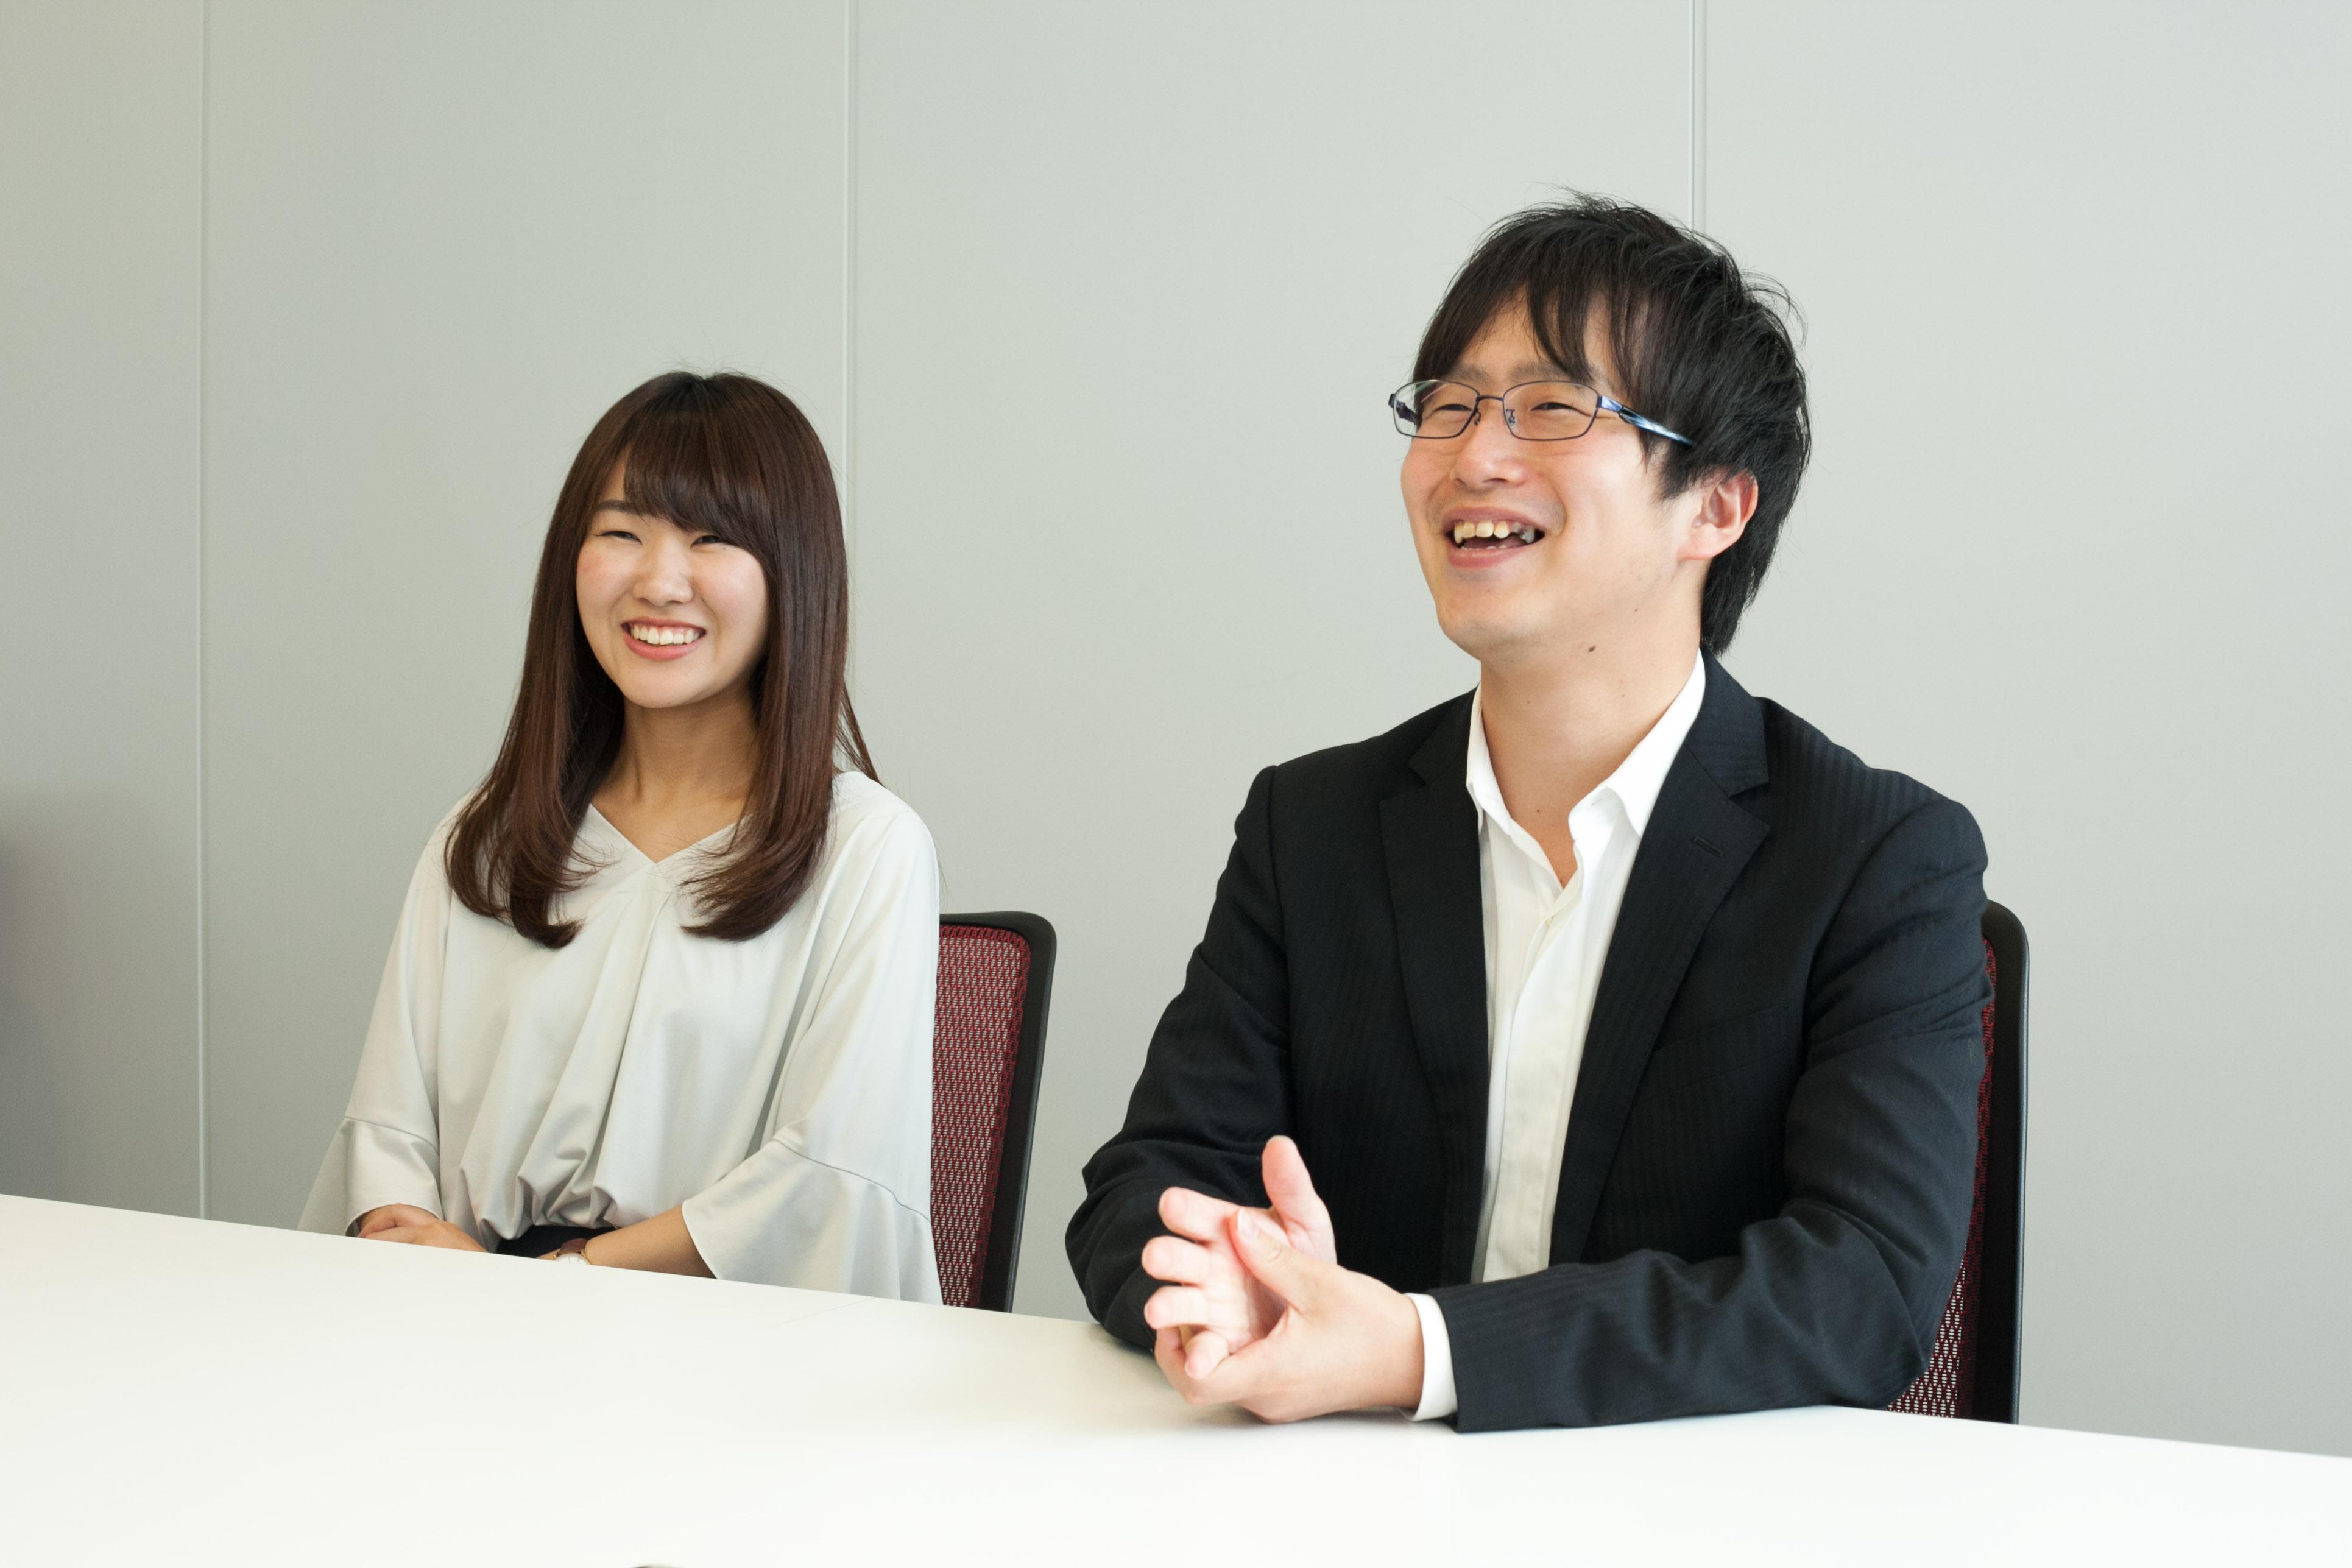 笑顔のBFT社員佐藤さんと福田さん